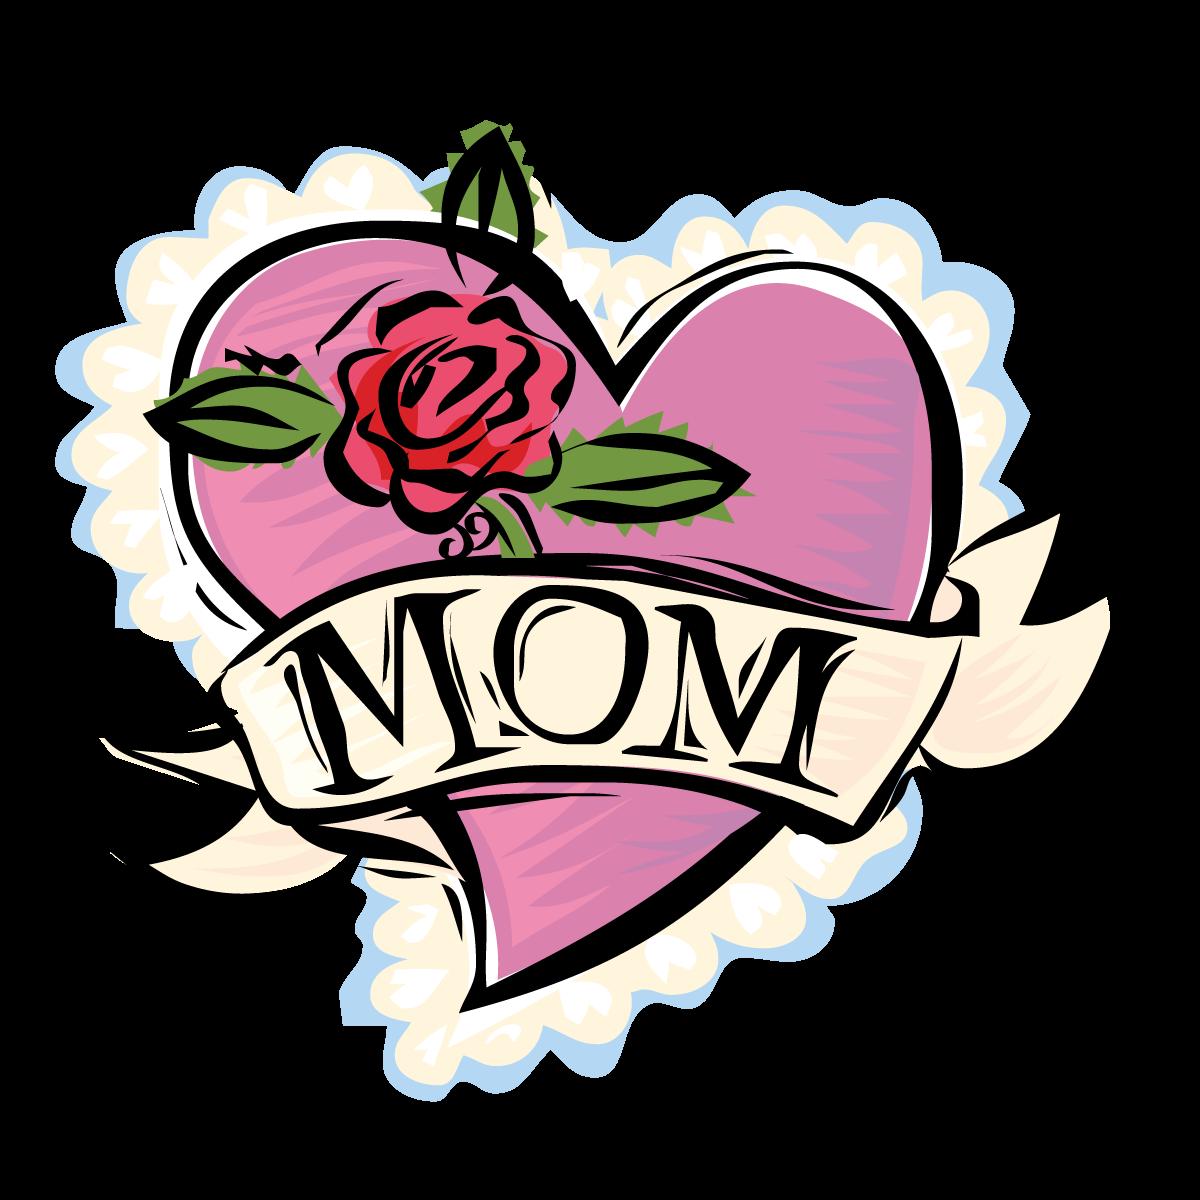 Mom Sticker messages sticker-1